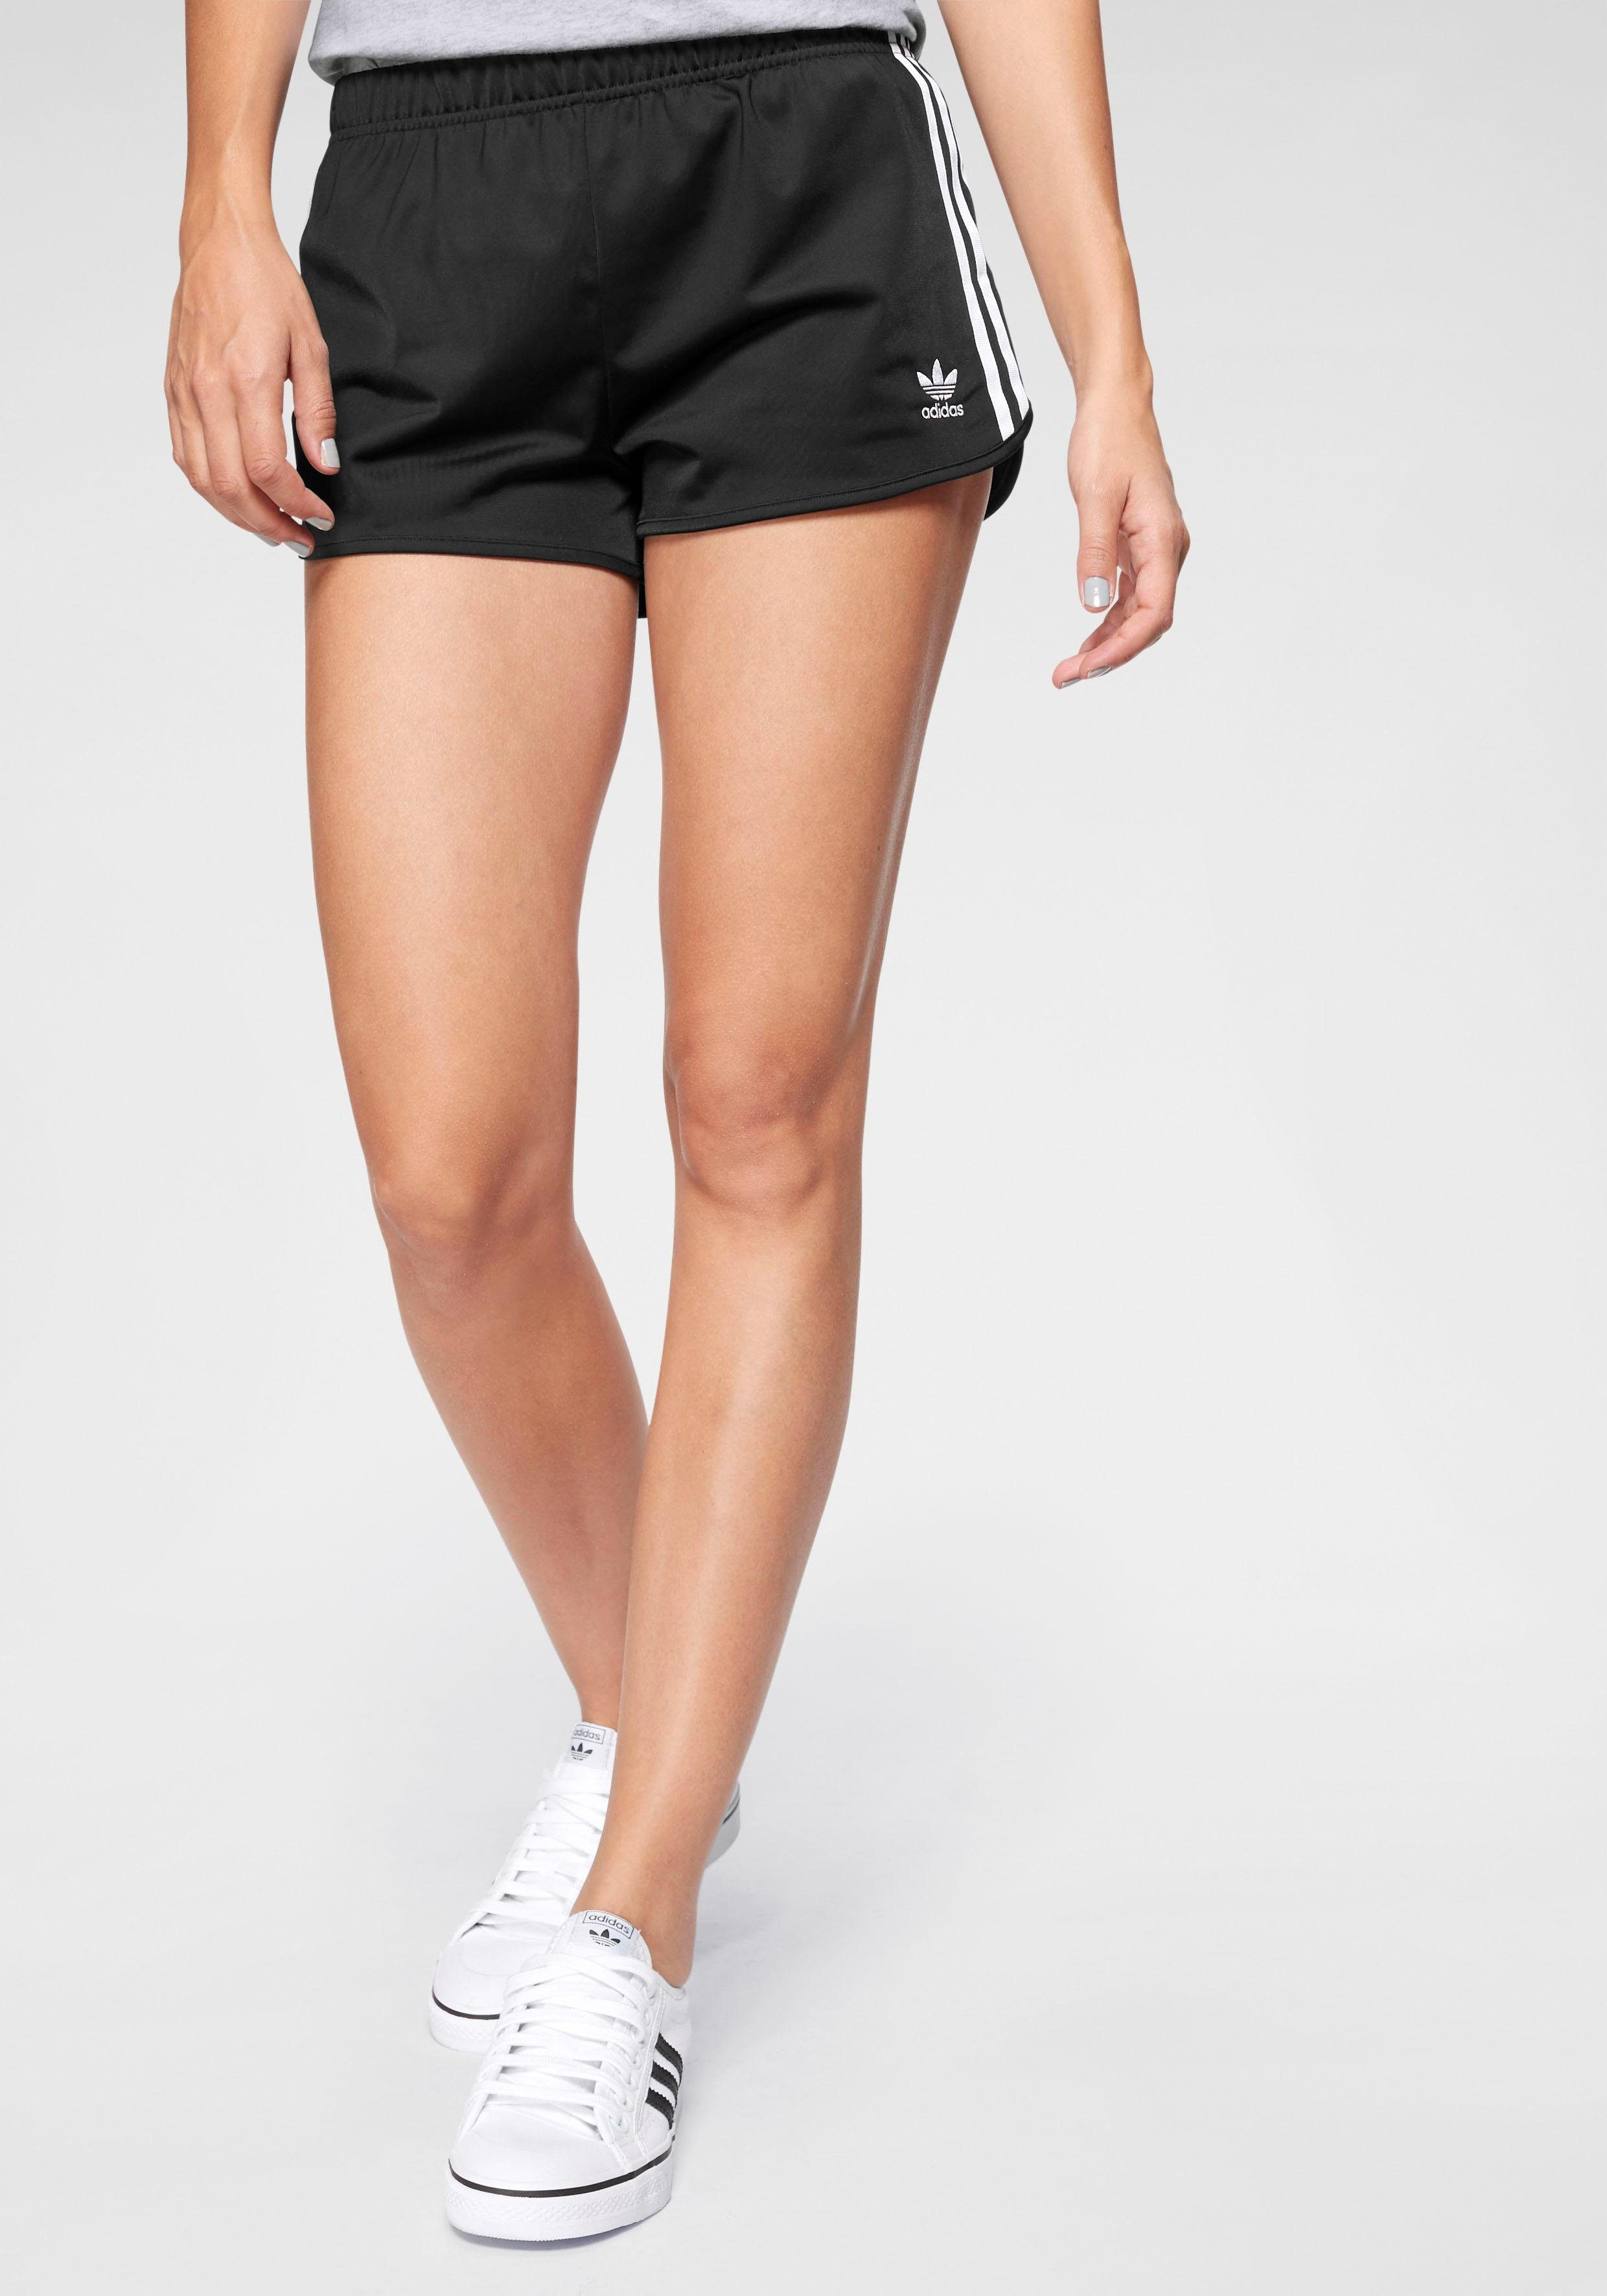 adidas Originals Shorts »3 STRIPES SHORT« kaufen | OTTO